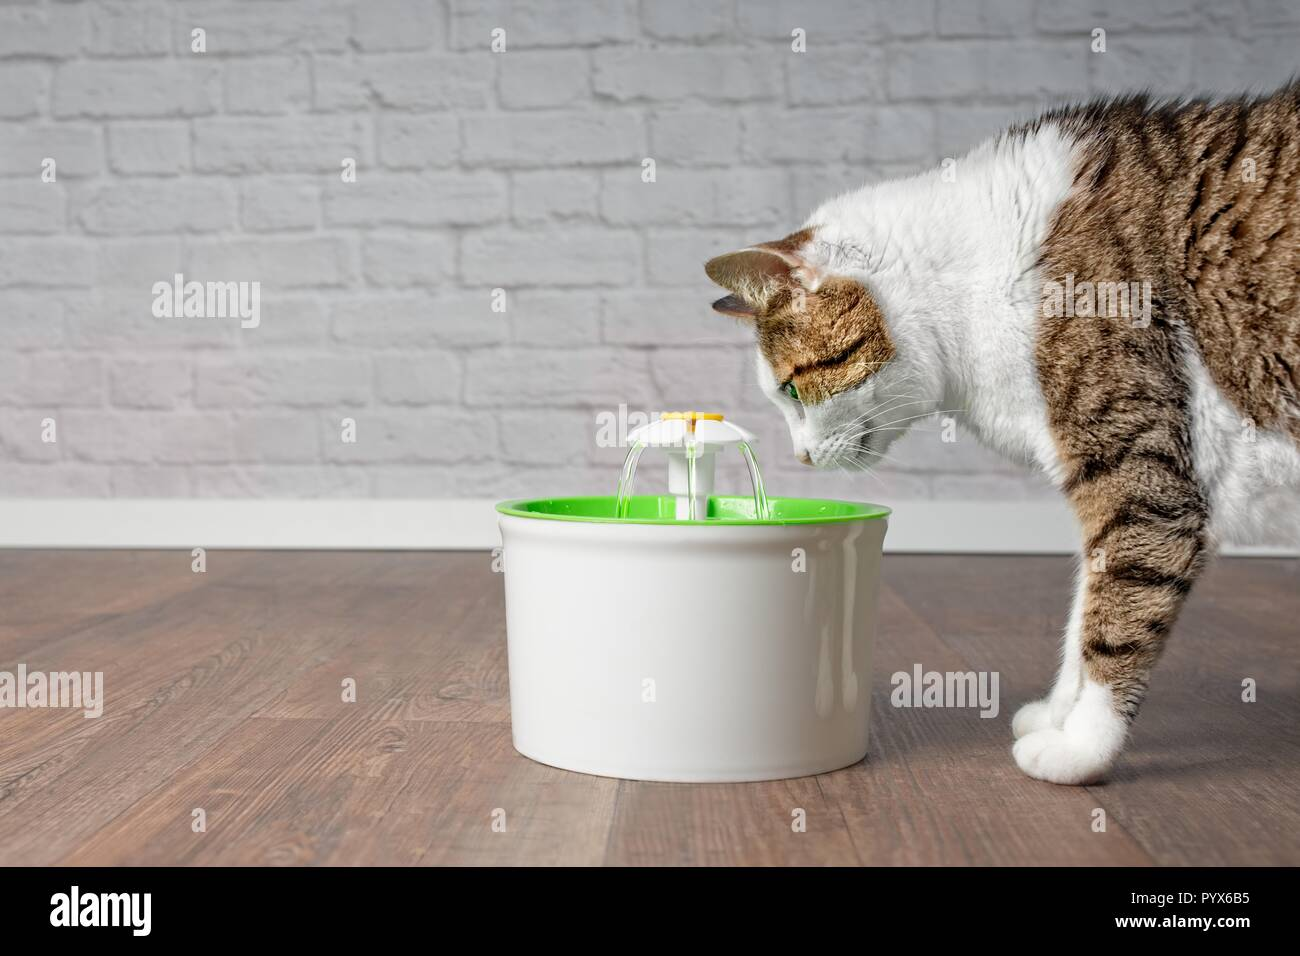 Soif chat tigré à curieux d'un animal de fontaine à boire. Vue de côté avec l'espace de copie. Photo Stock